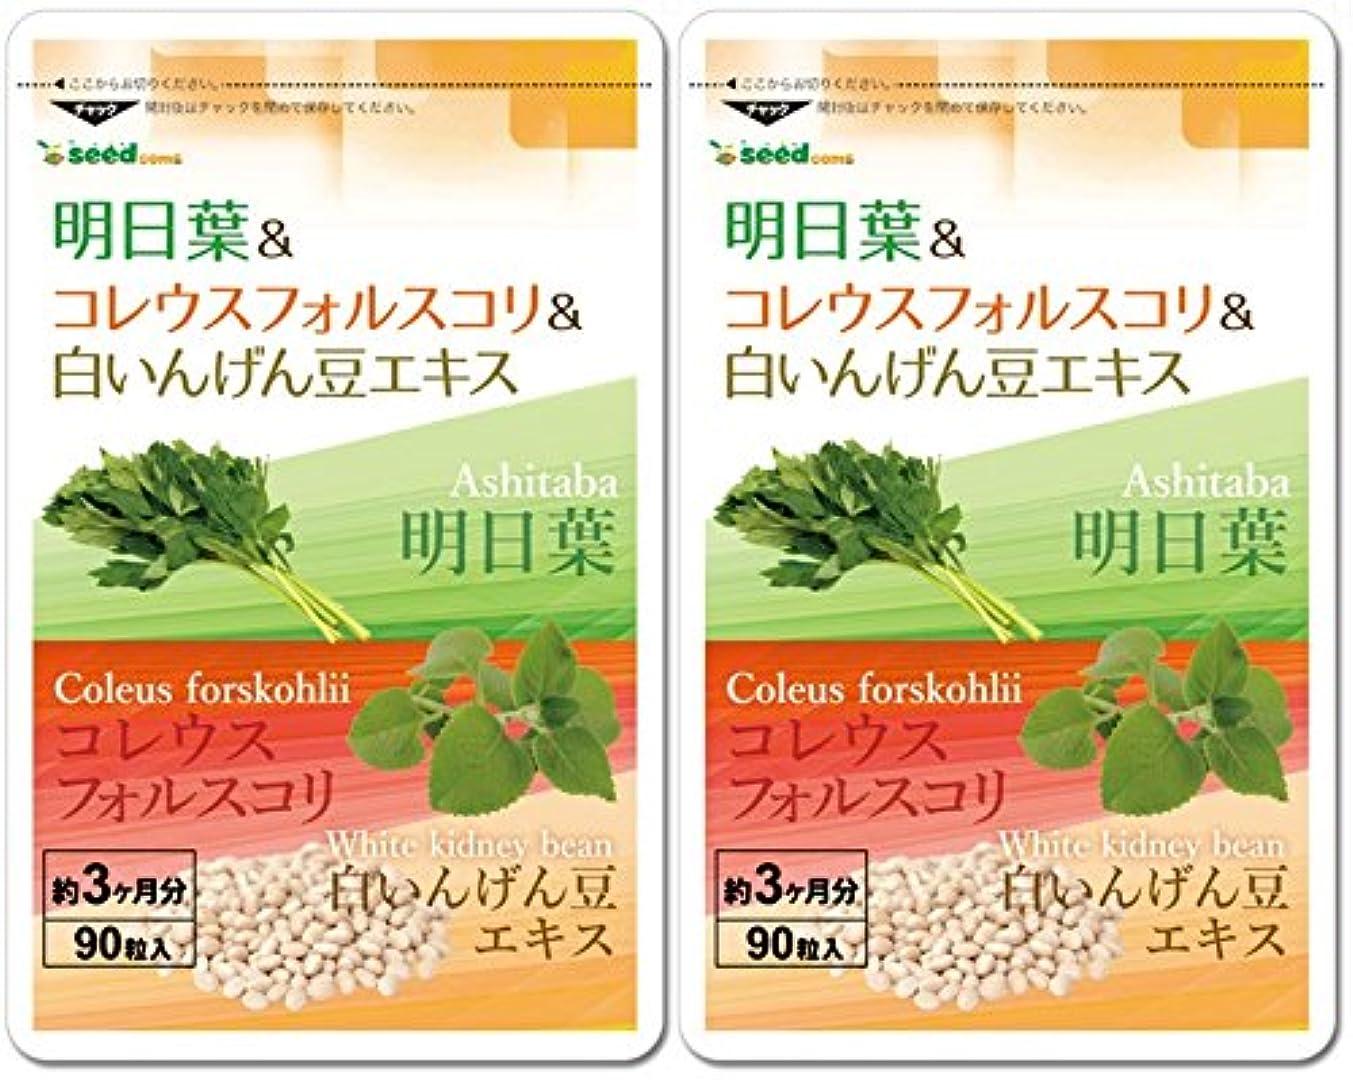 抜け目のないかすかな発見する明日葉&コレウスフォルスコリ&白いんげん豆エキス (約6ヶ月分/180粒) スッキリ&燃焼系&糖質バリアの3大ダイエット成分